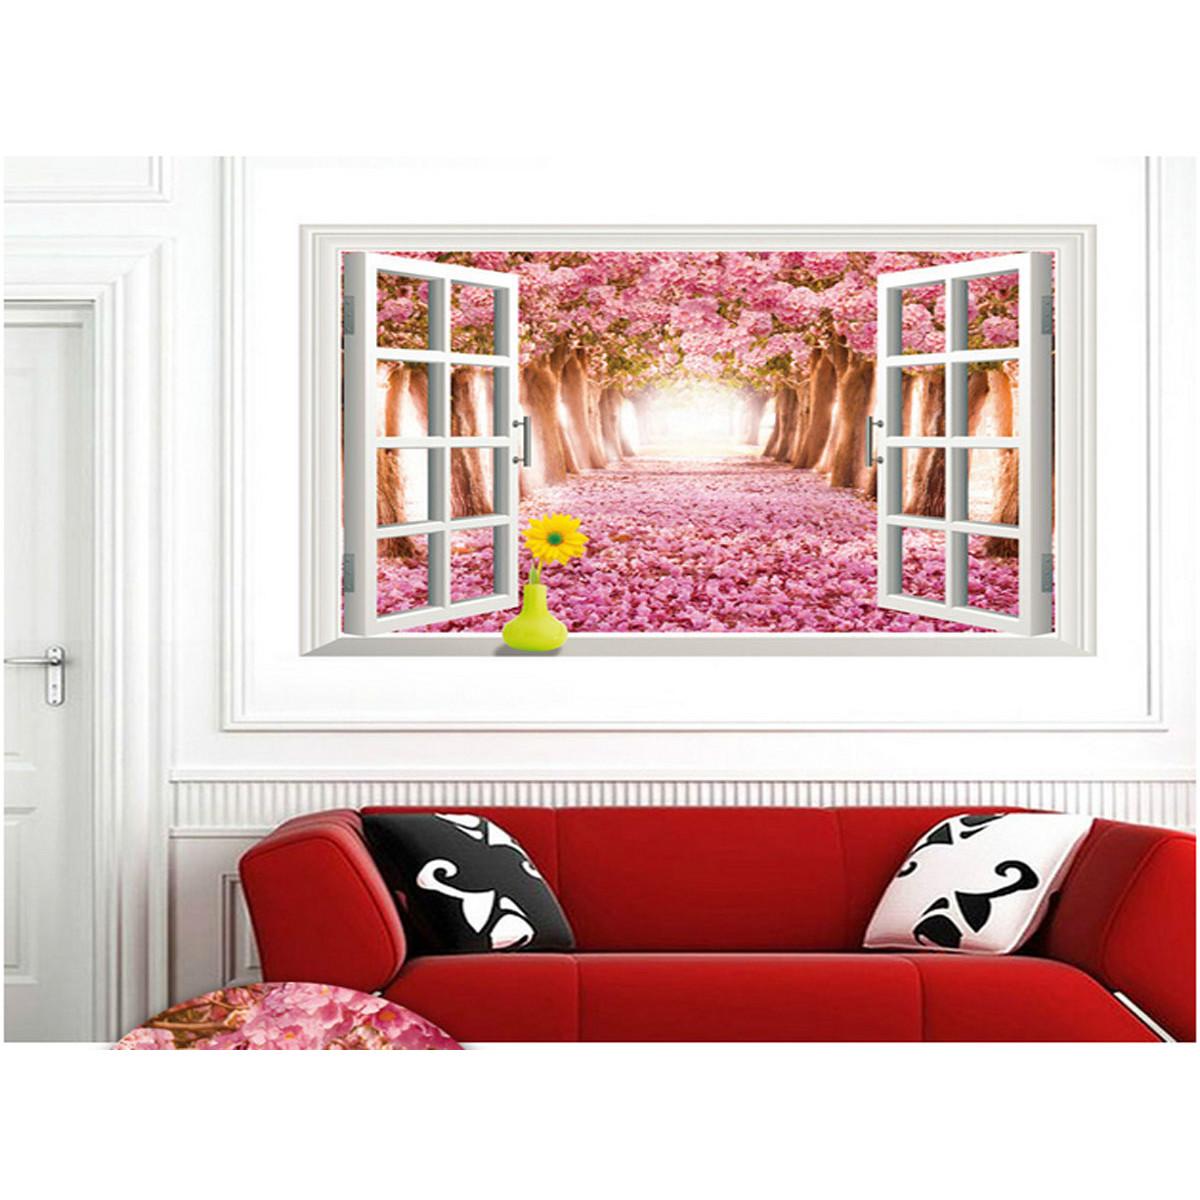 decal dán tường cửa sổ hoa anh đào